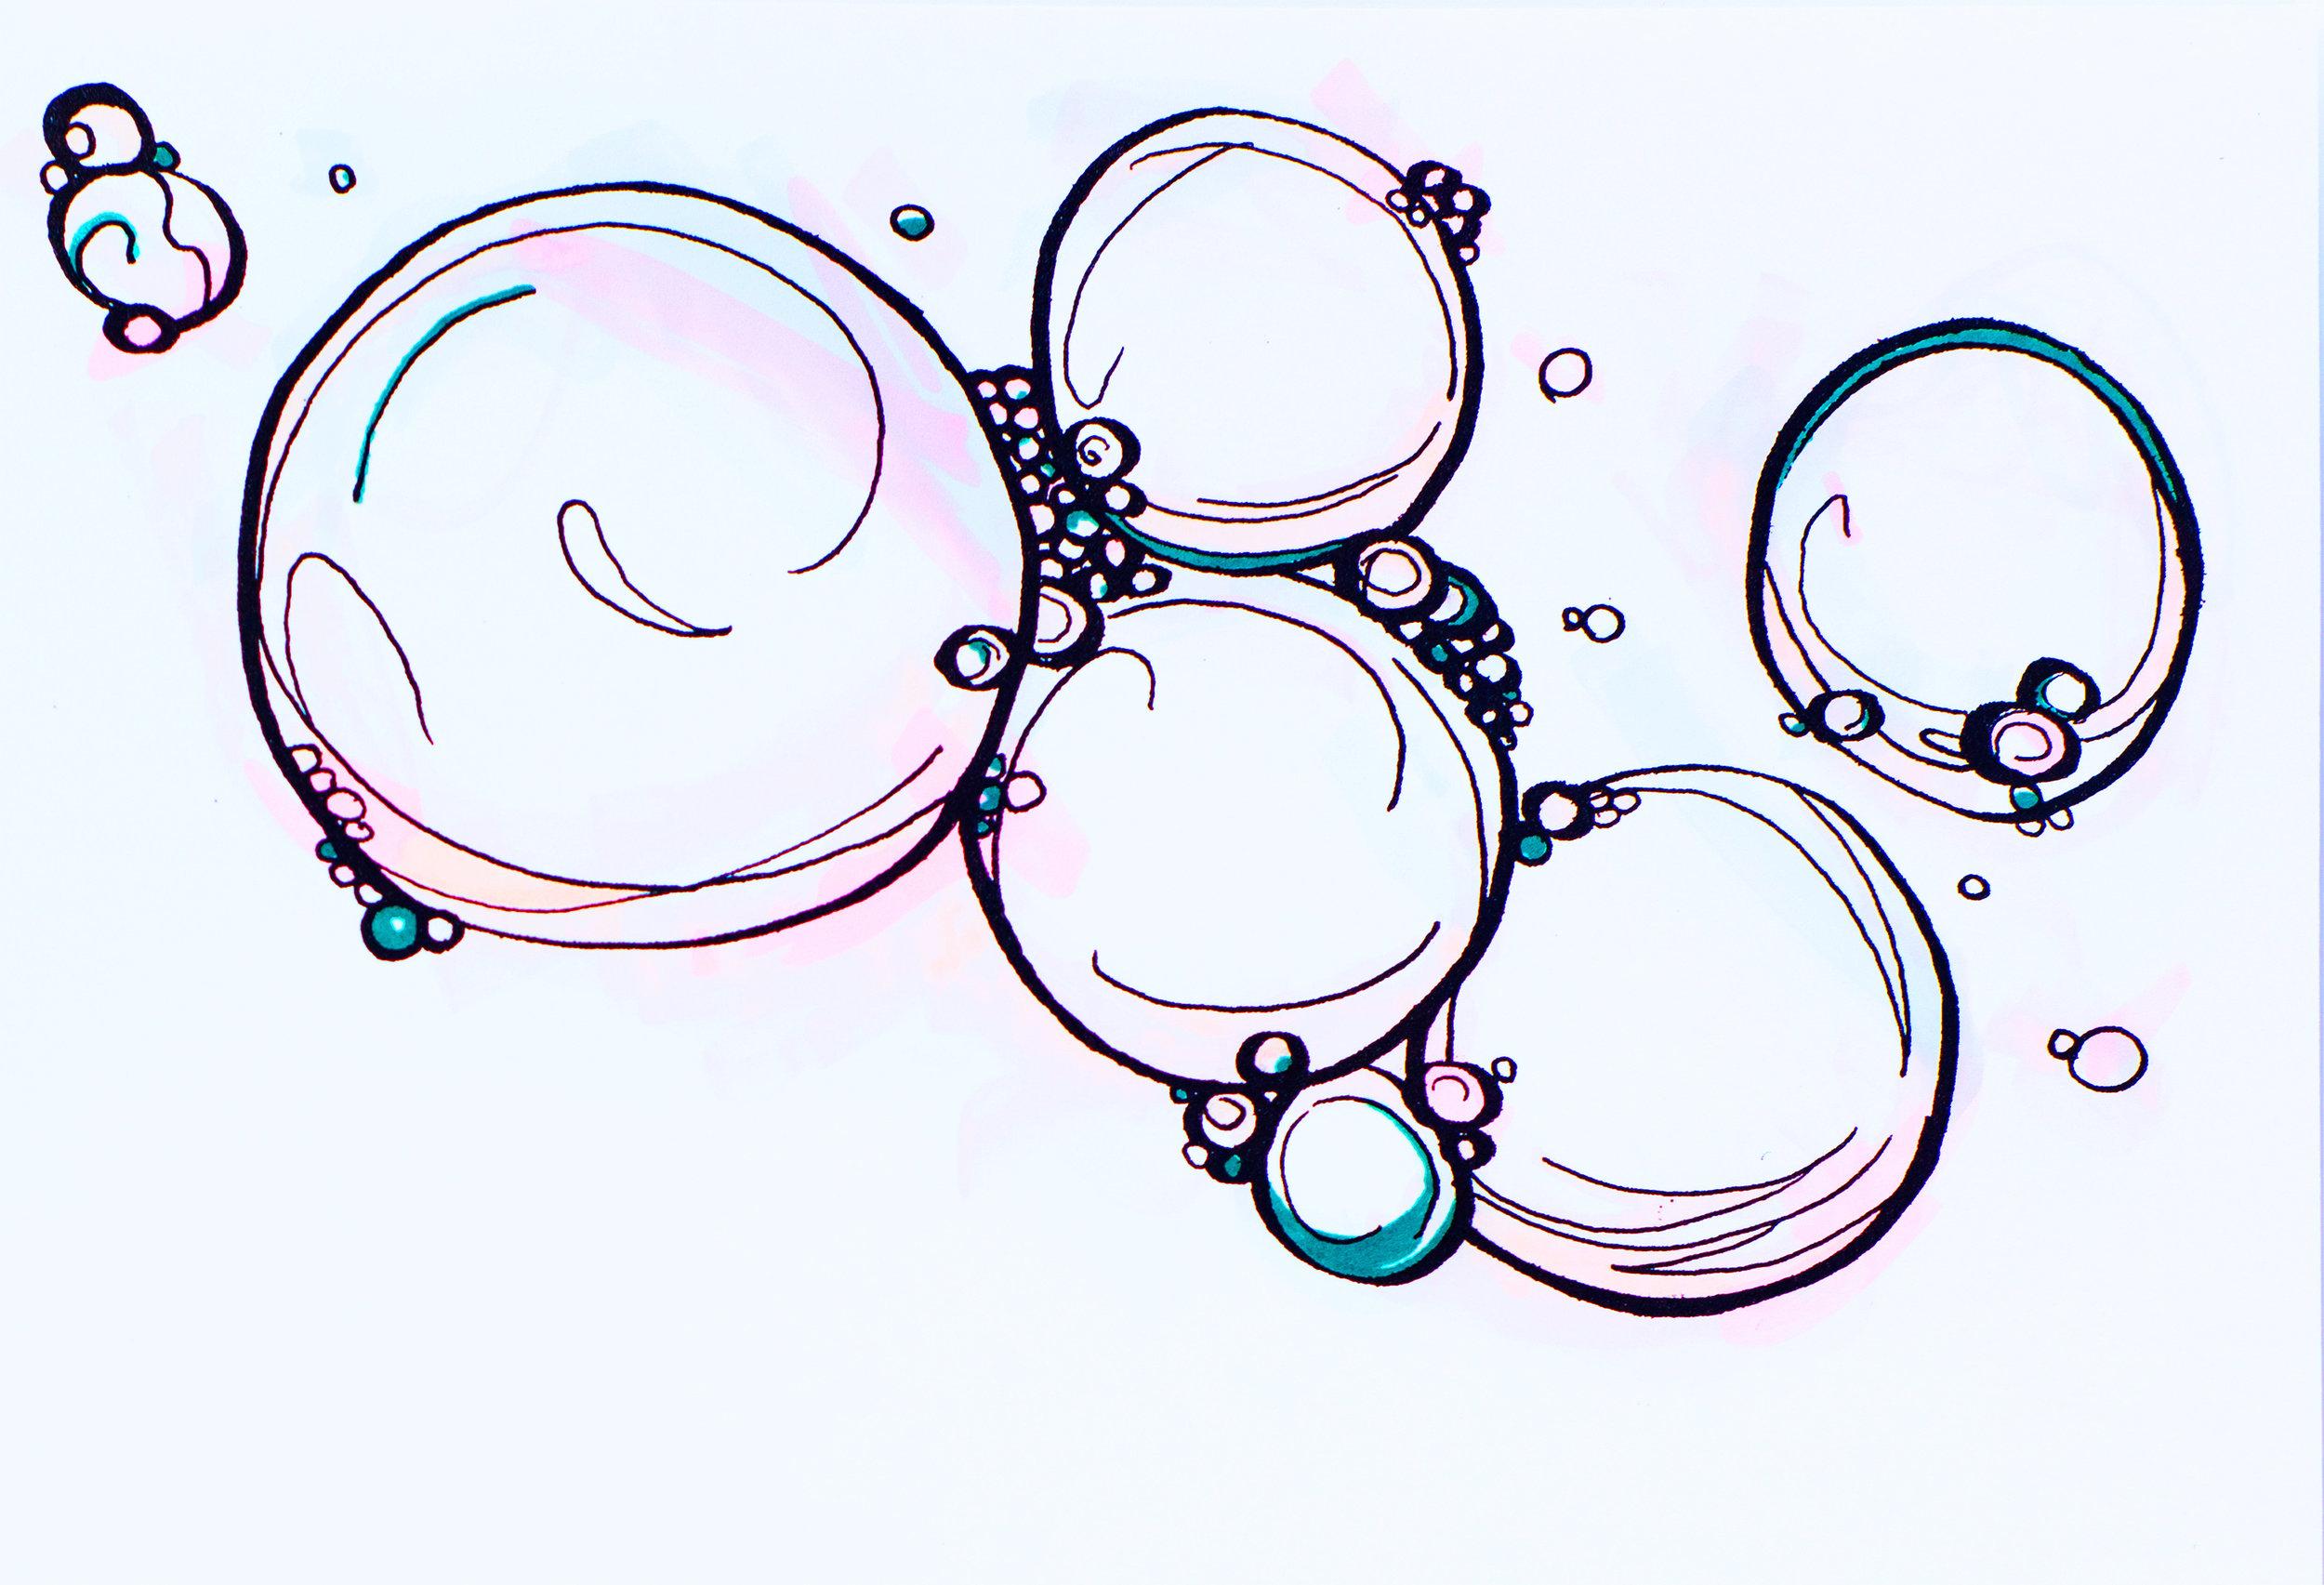 deepsea_bubbles copy.jpg